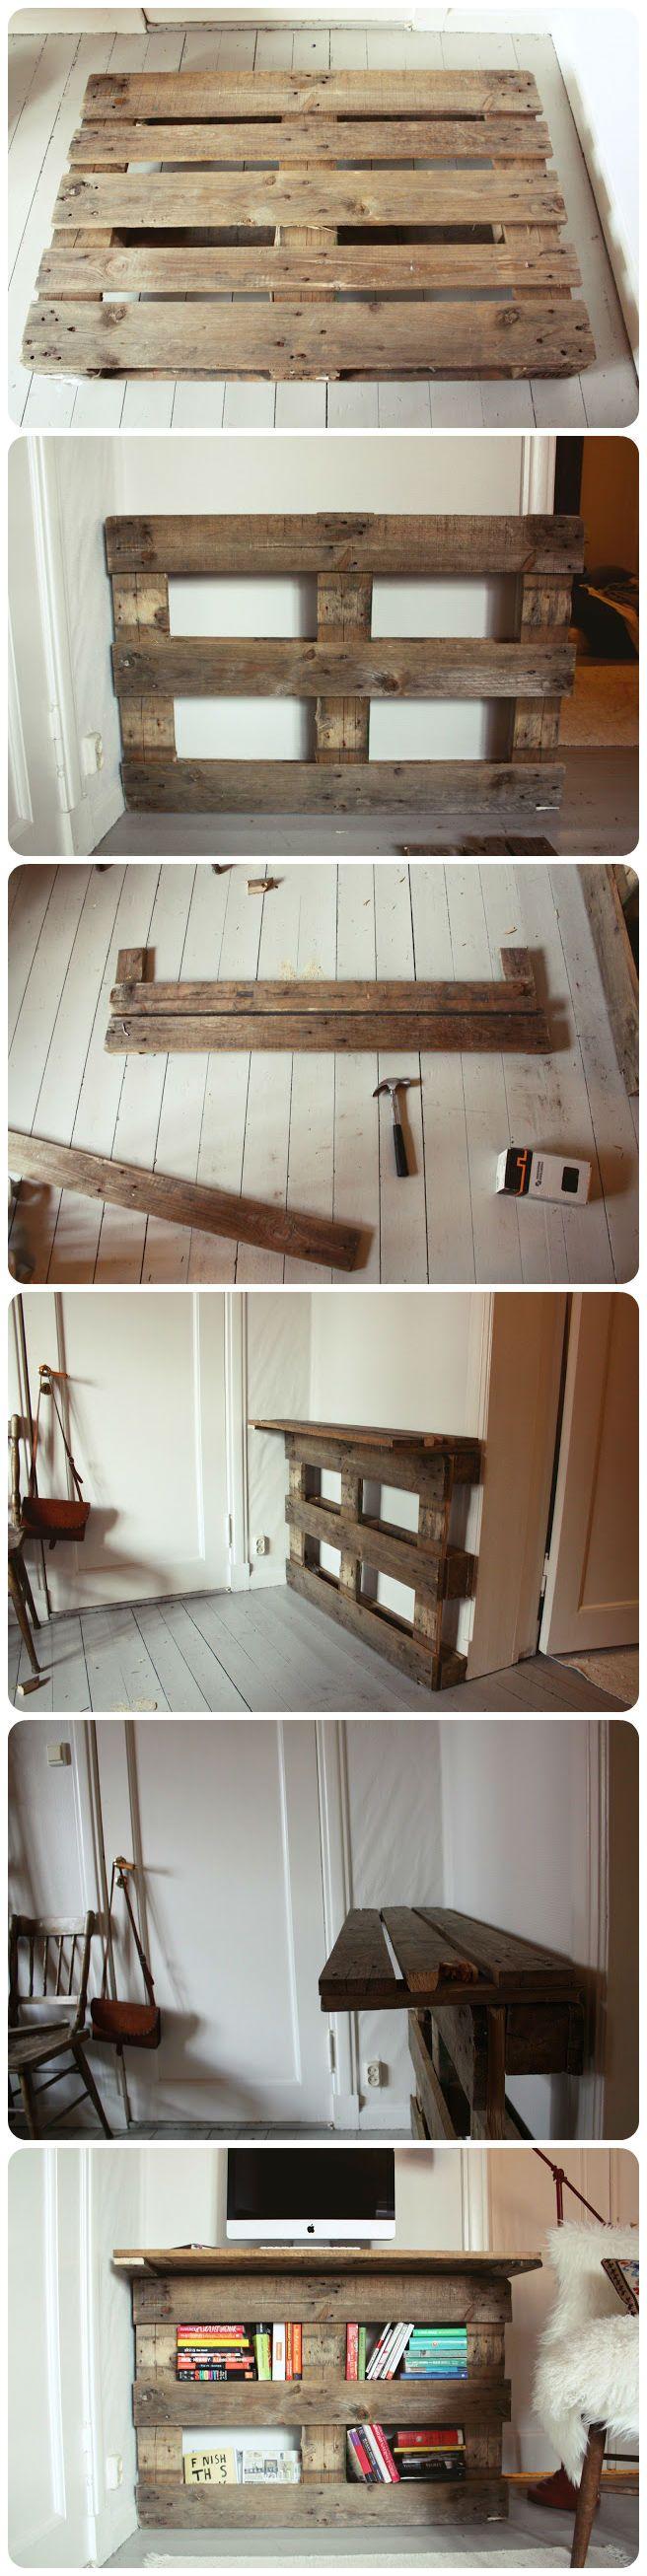 Pallet desk DIY tutorial